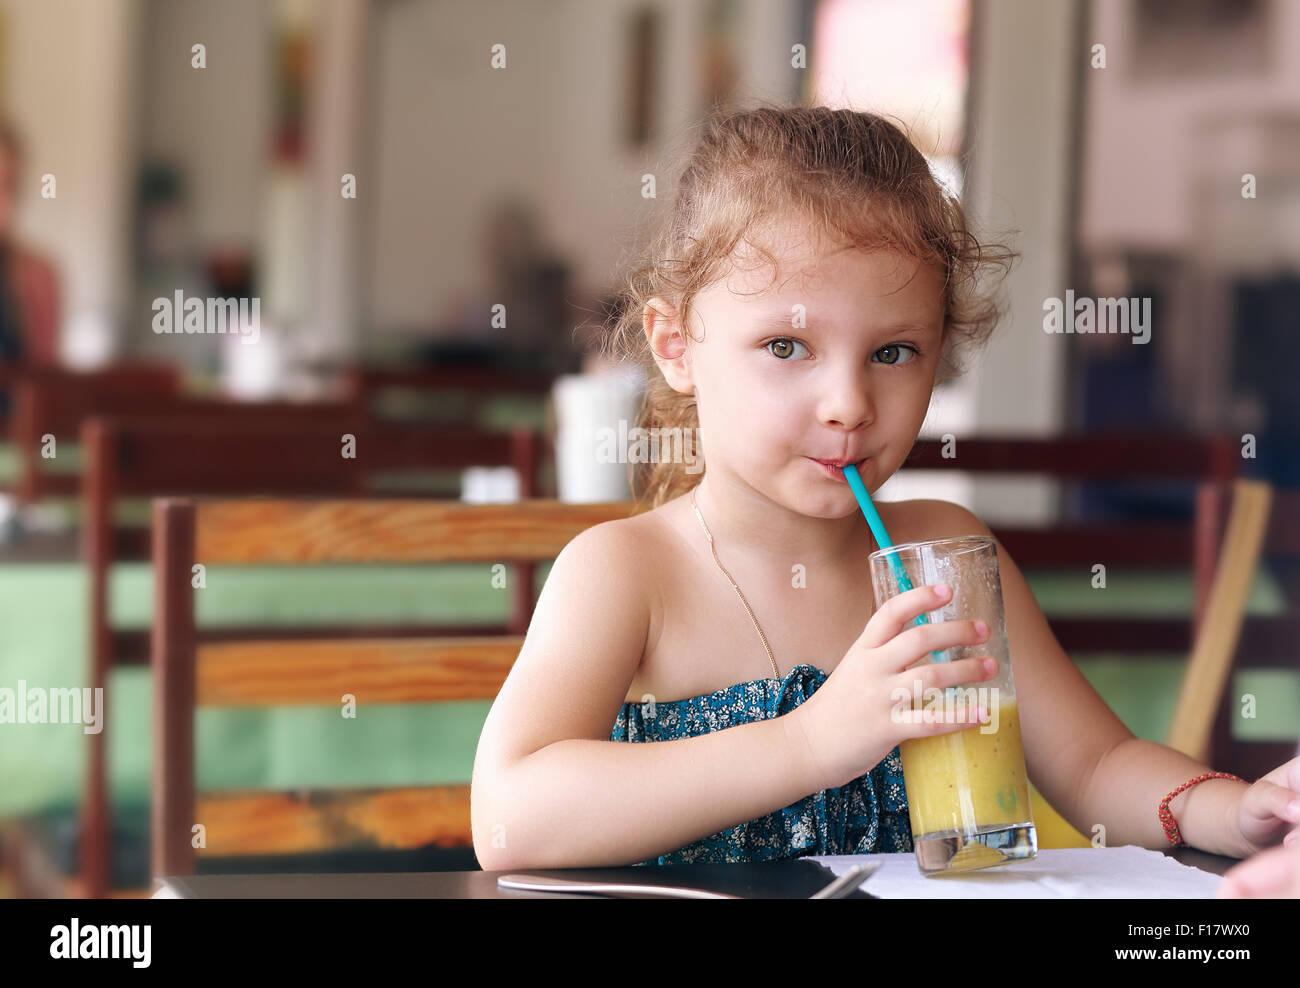 Kid petit mignon fille boire du jus de café avec regard sérieux Photo Stock